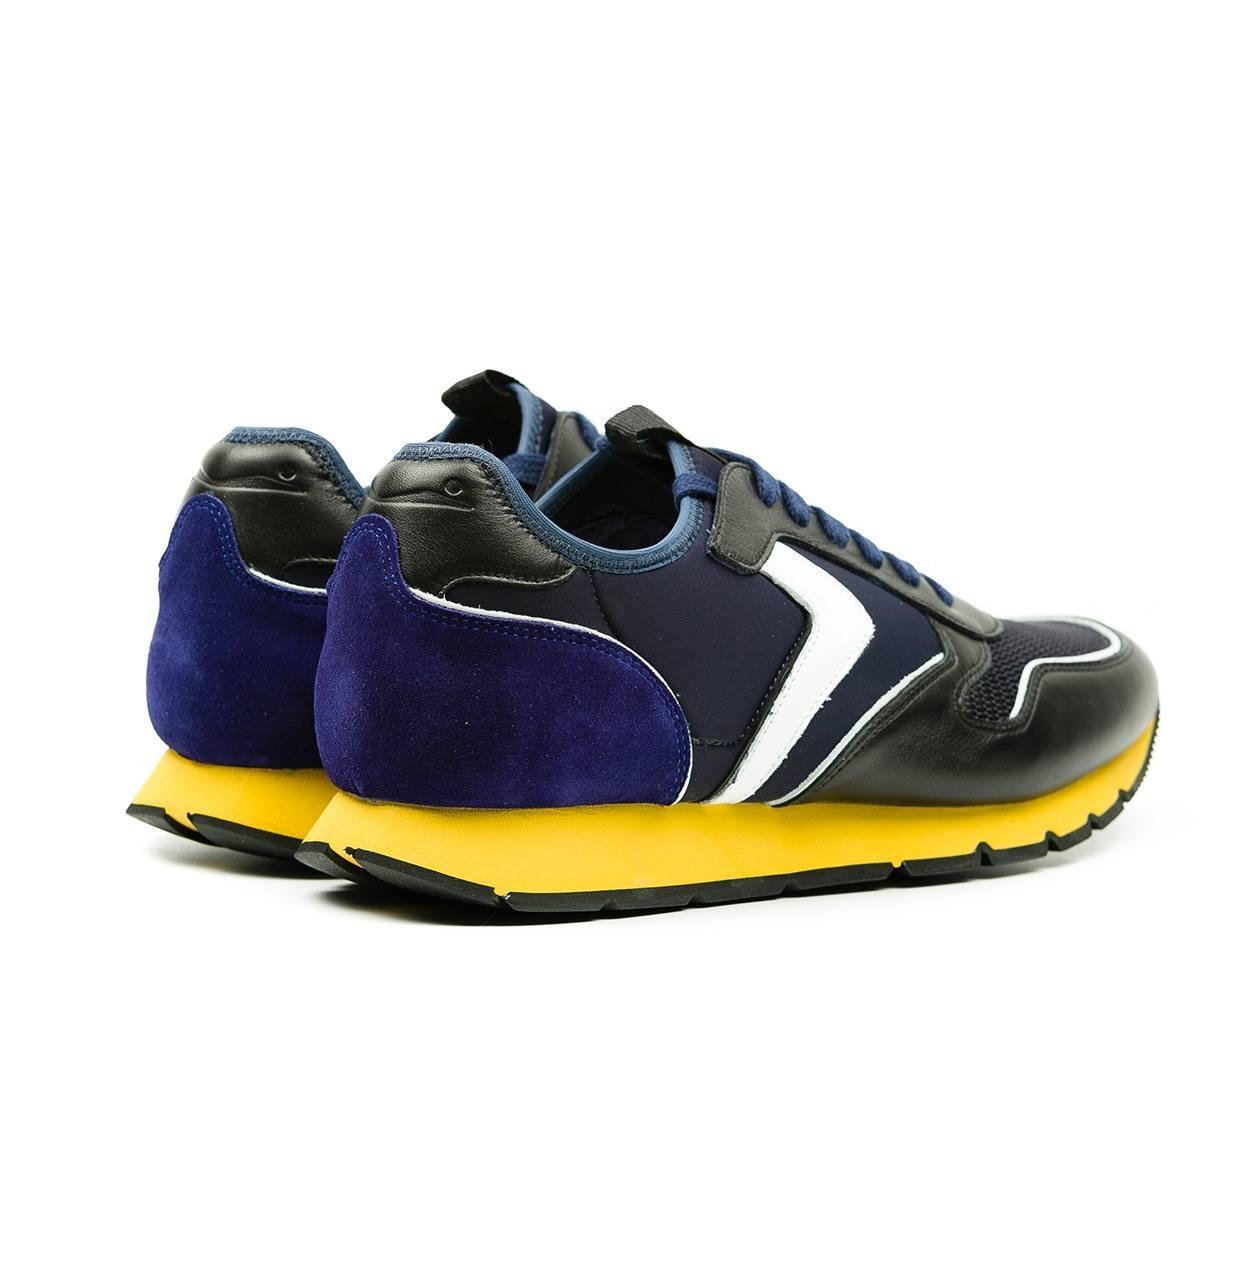 Bambas moda hombre modelo LIAM DIVE color negro y azul con suela amarilla - Ítem1